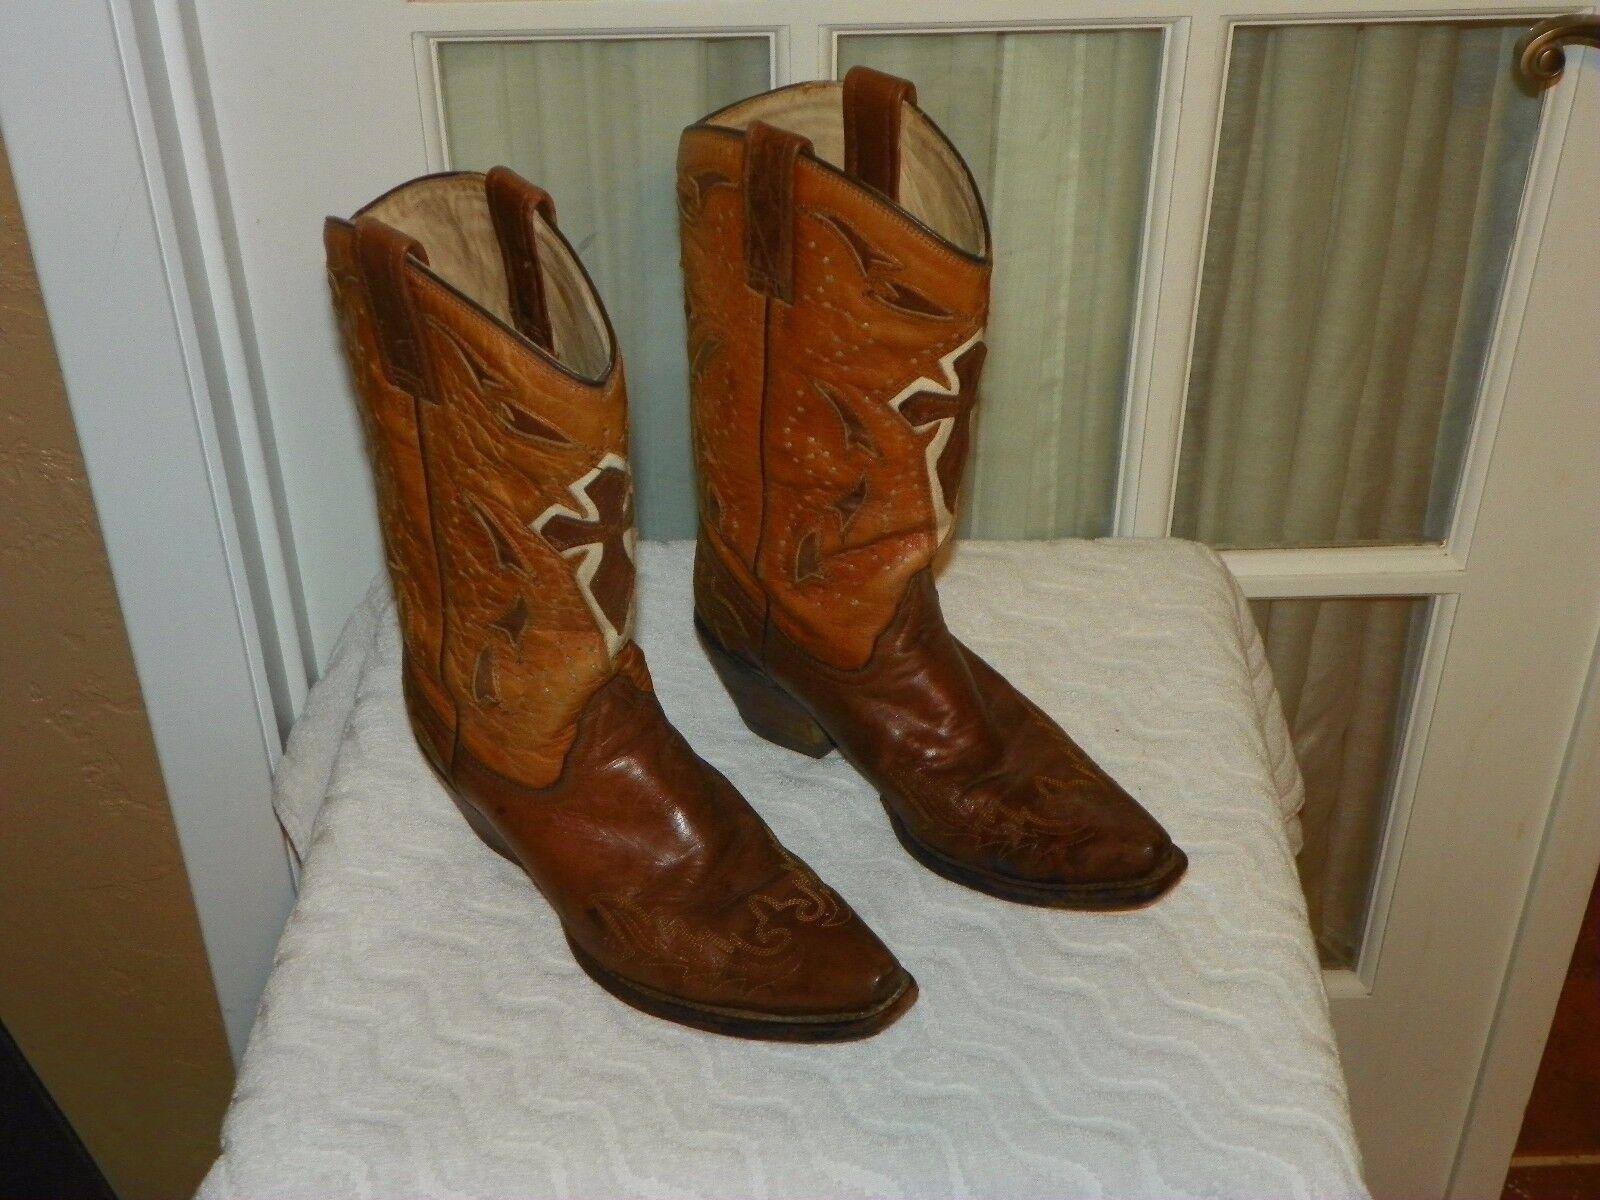 Corral dos tonos de de de marrón Incrustación Cruz Vaquera Occidental botas Talla 6.5 M  entrega rápida